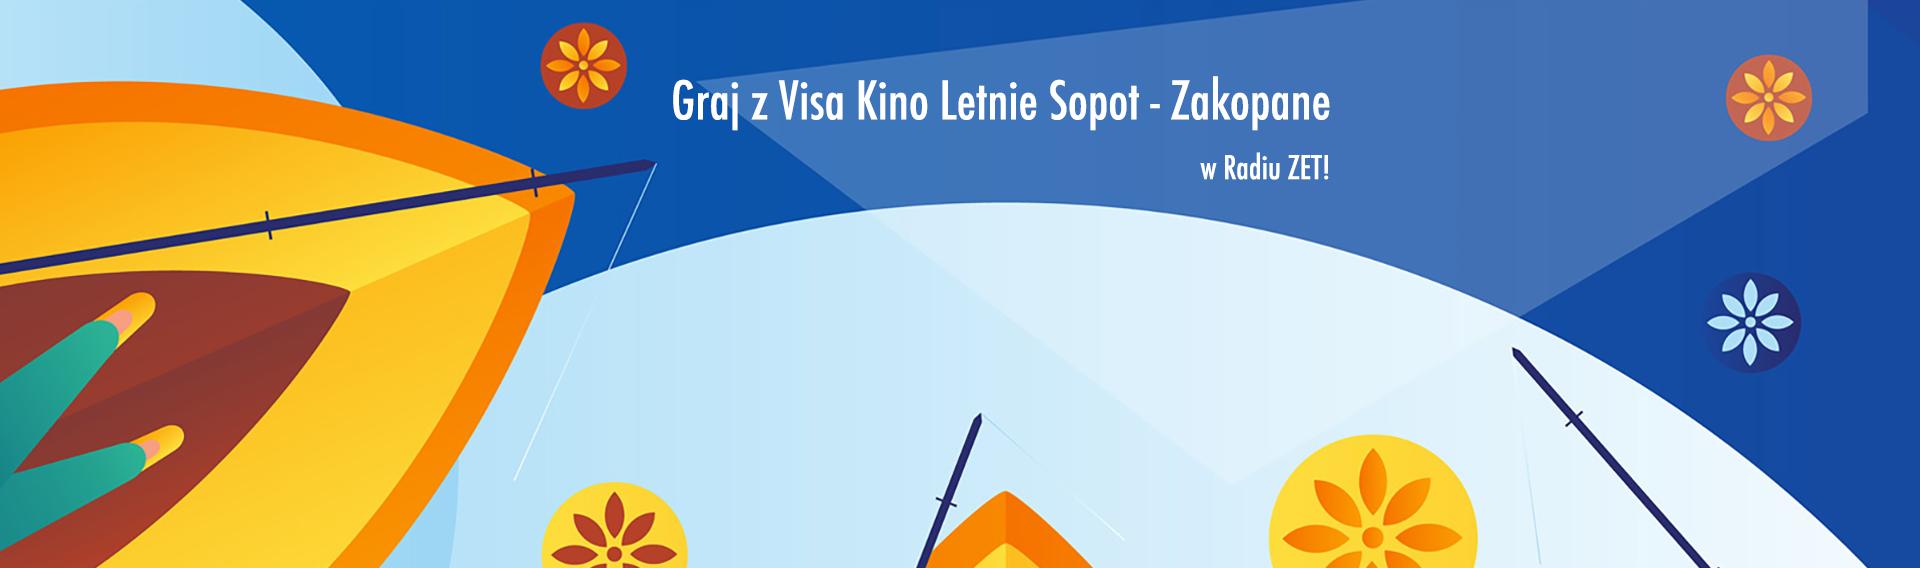 Graj z Visa Kino Letnie Sopot - Zakopane w Radiu ZET!